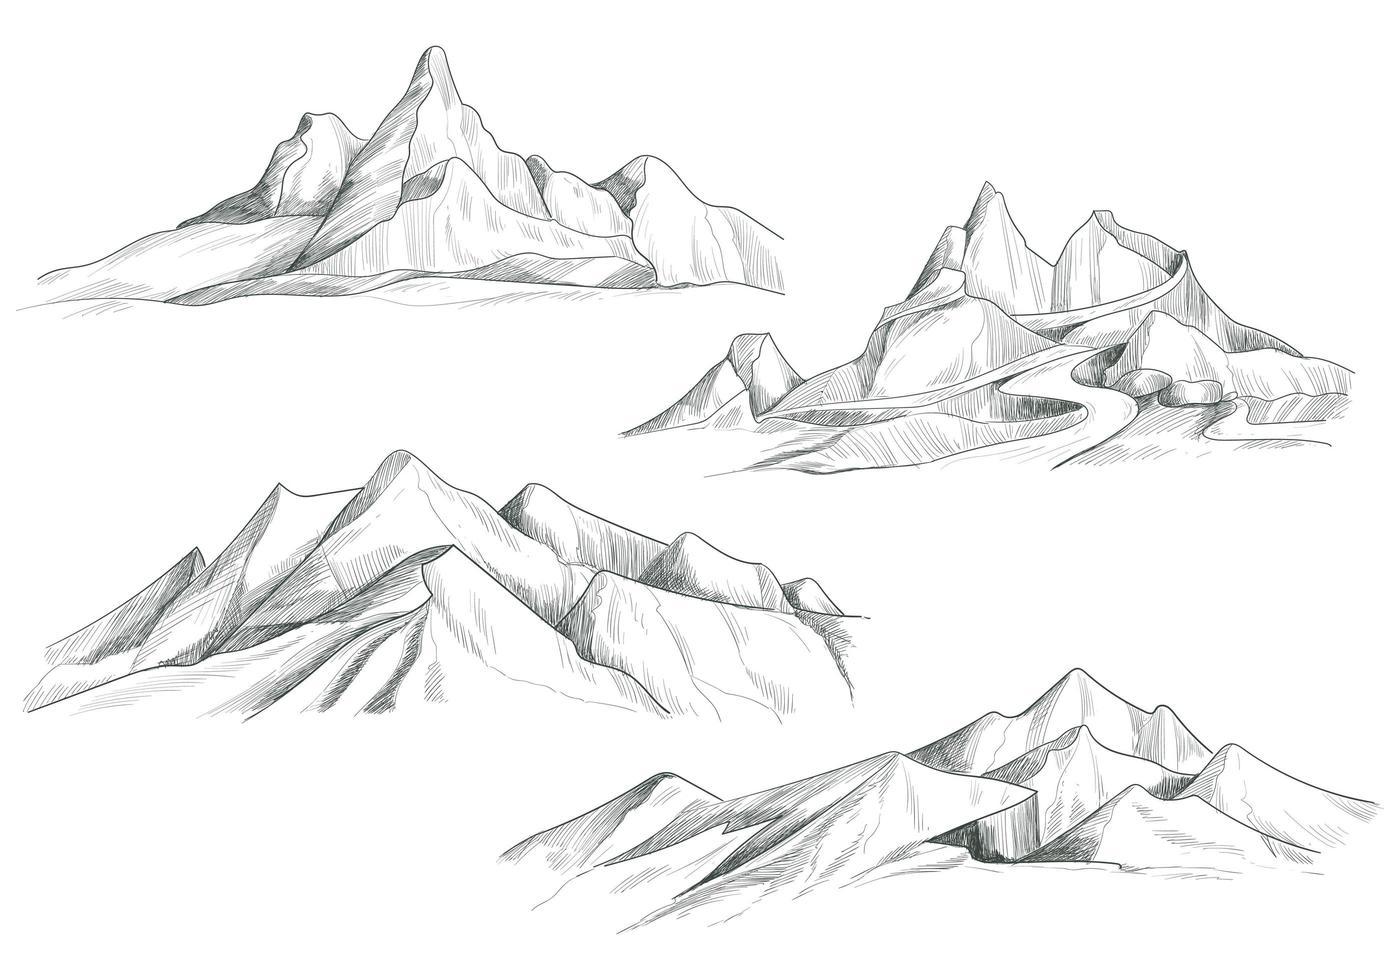 dessin à la main paysage de montagne ensemble conception de croquis vecteur